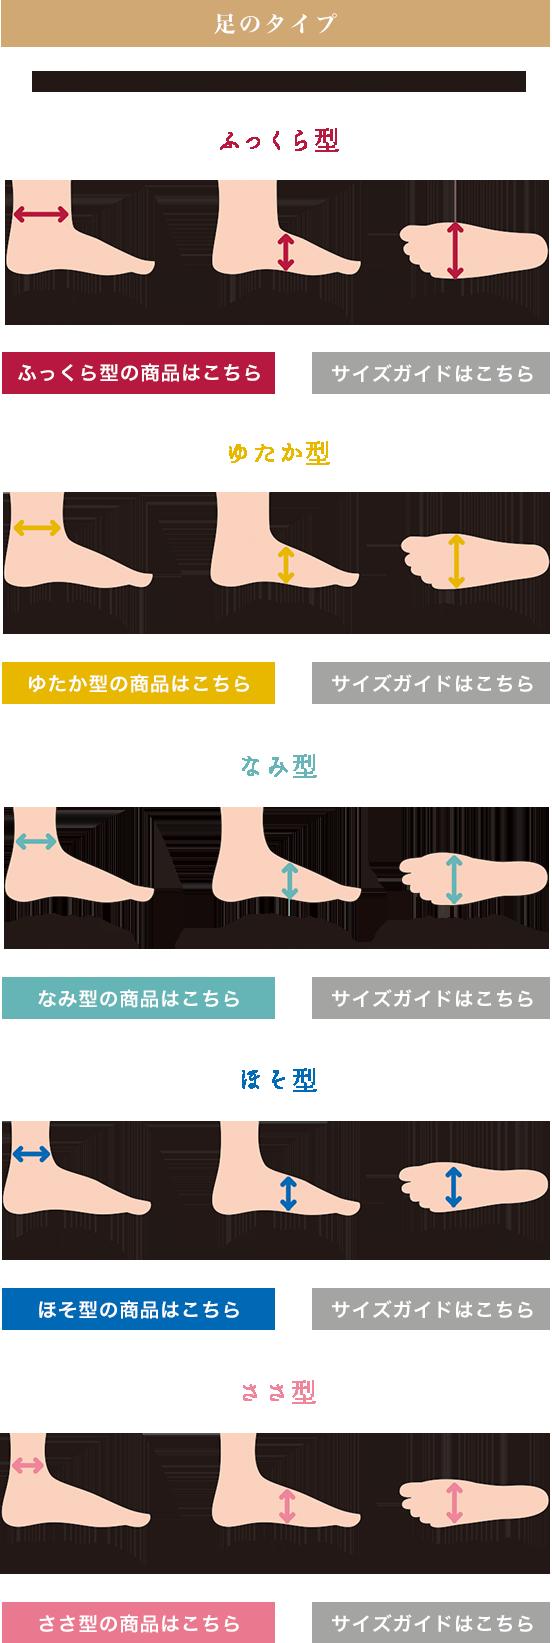 足のタイプ別 足袋の型の説明図